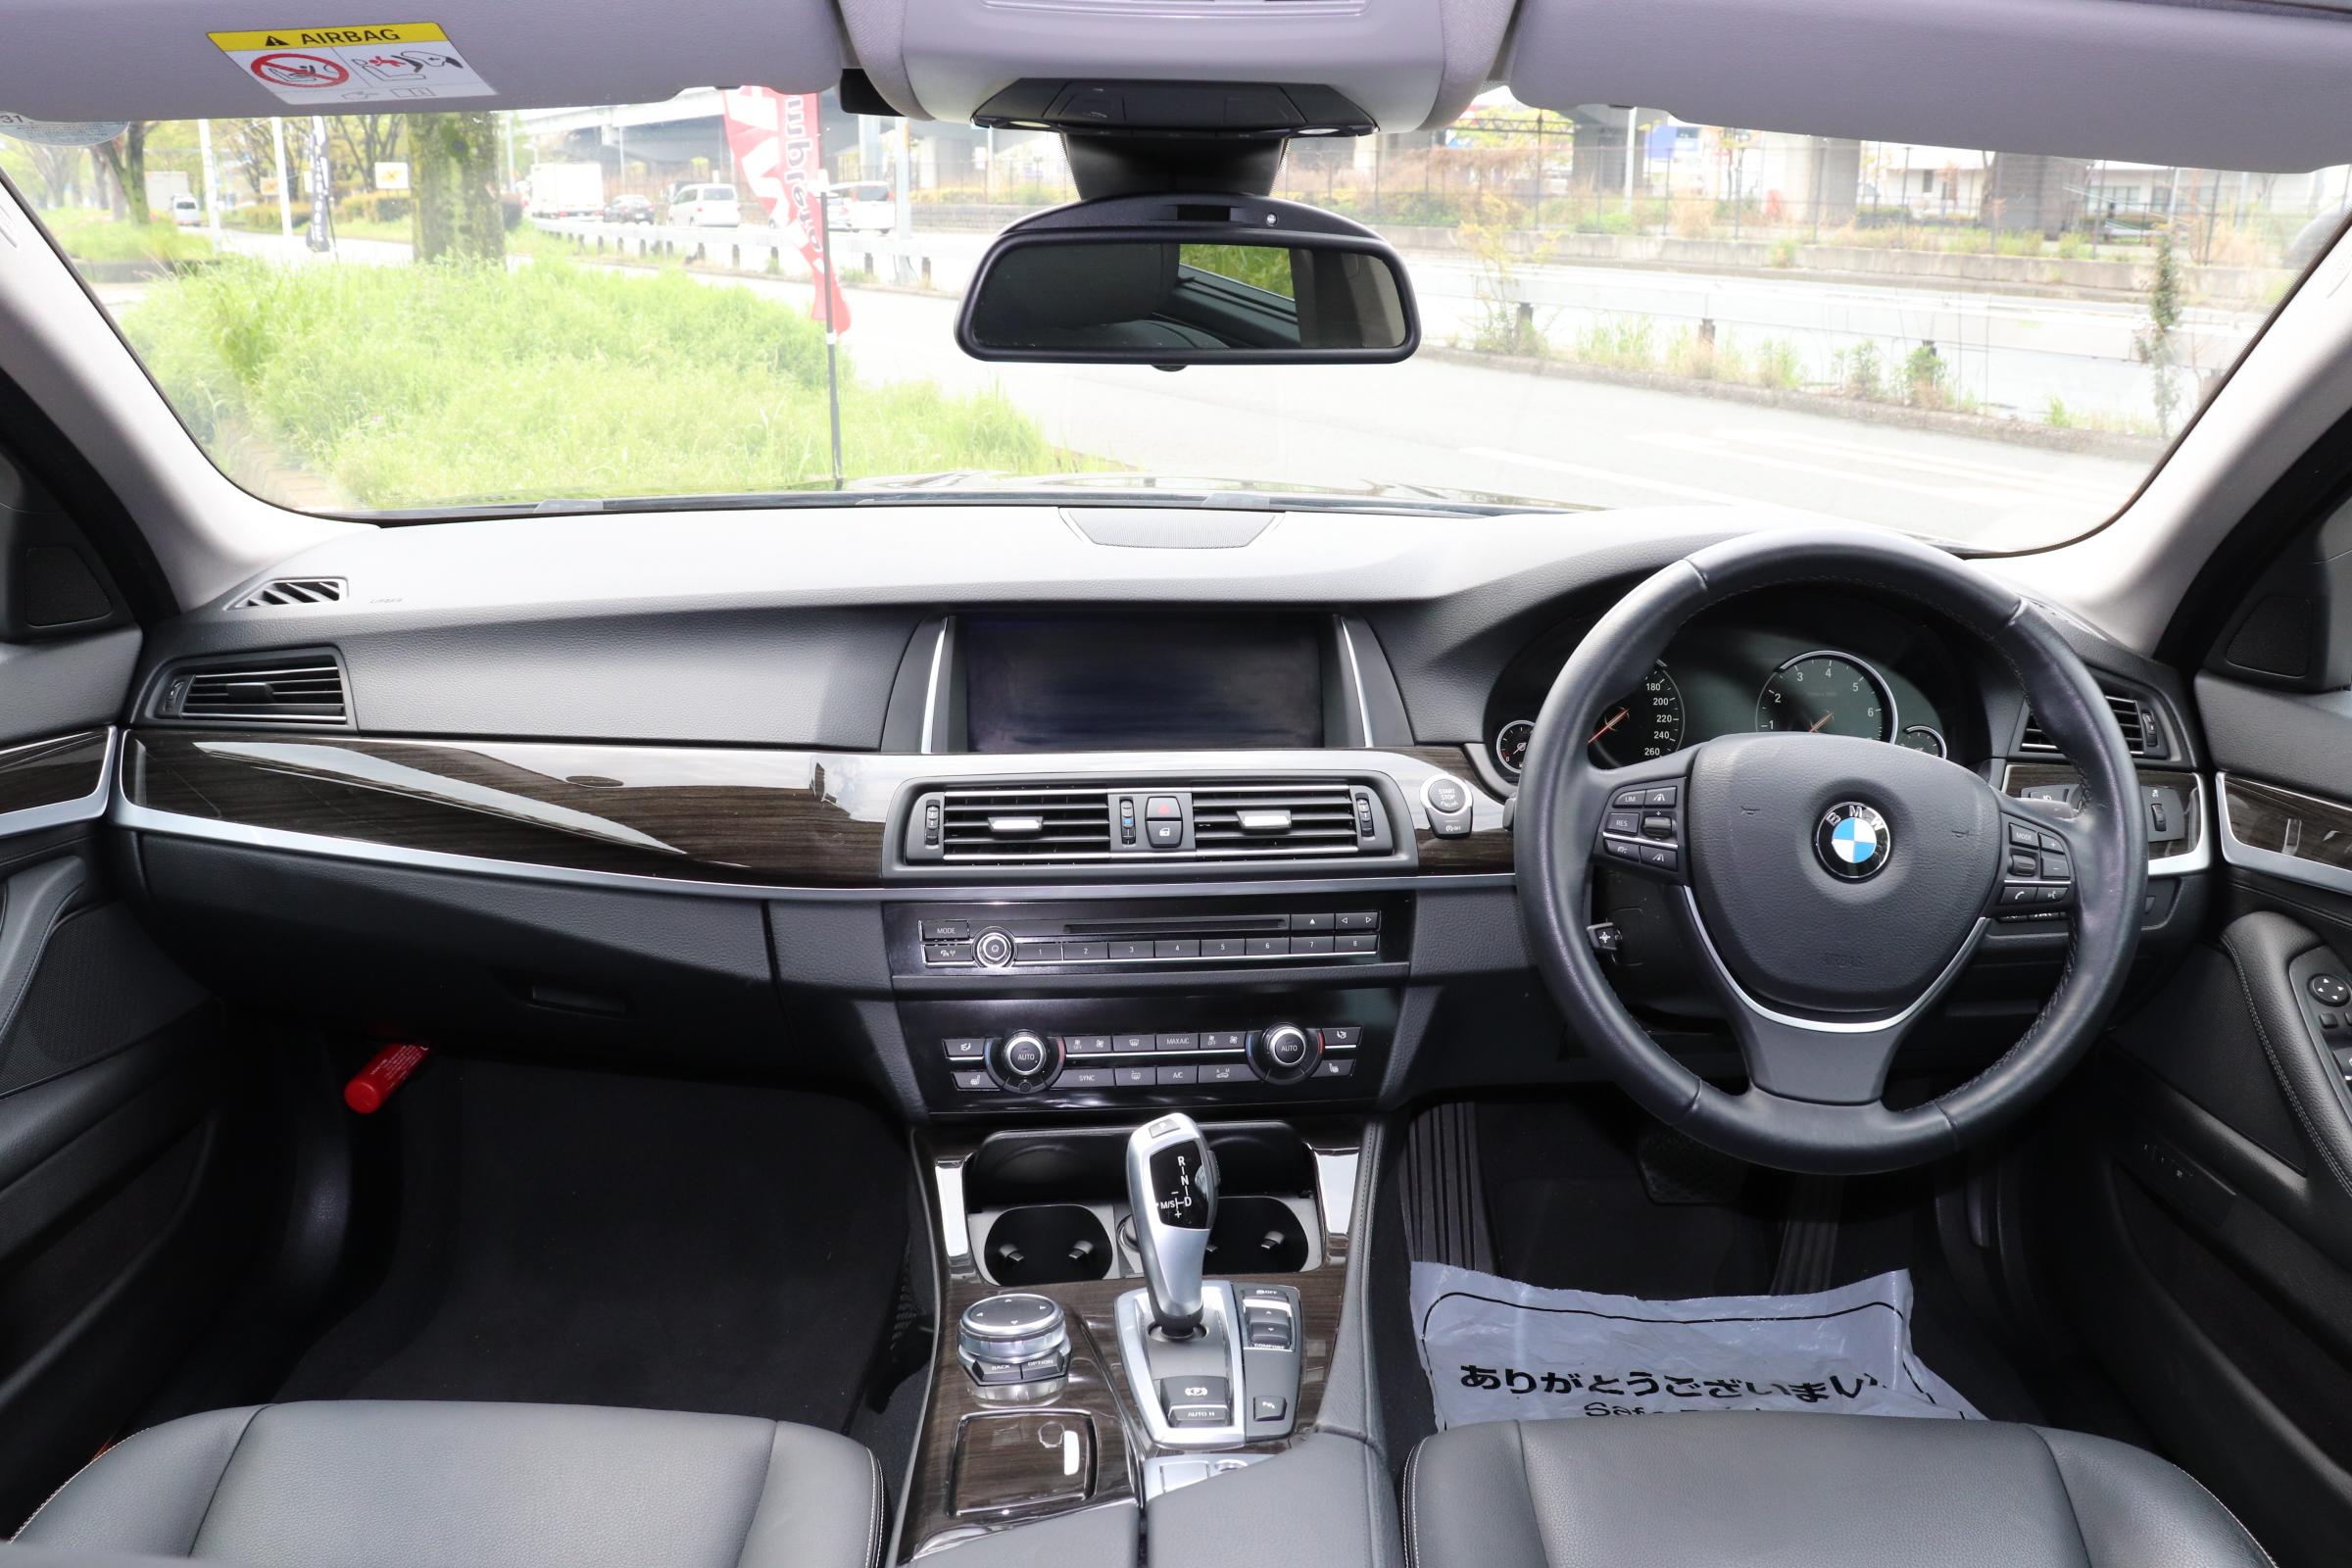 528iラグジュアリー BEAMコンプリートカー ワンオナ LEDヘッドライト マルチディスプレイメーター車両画像10